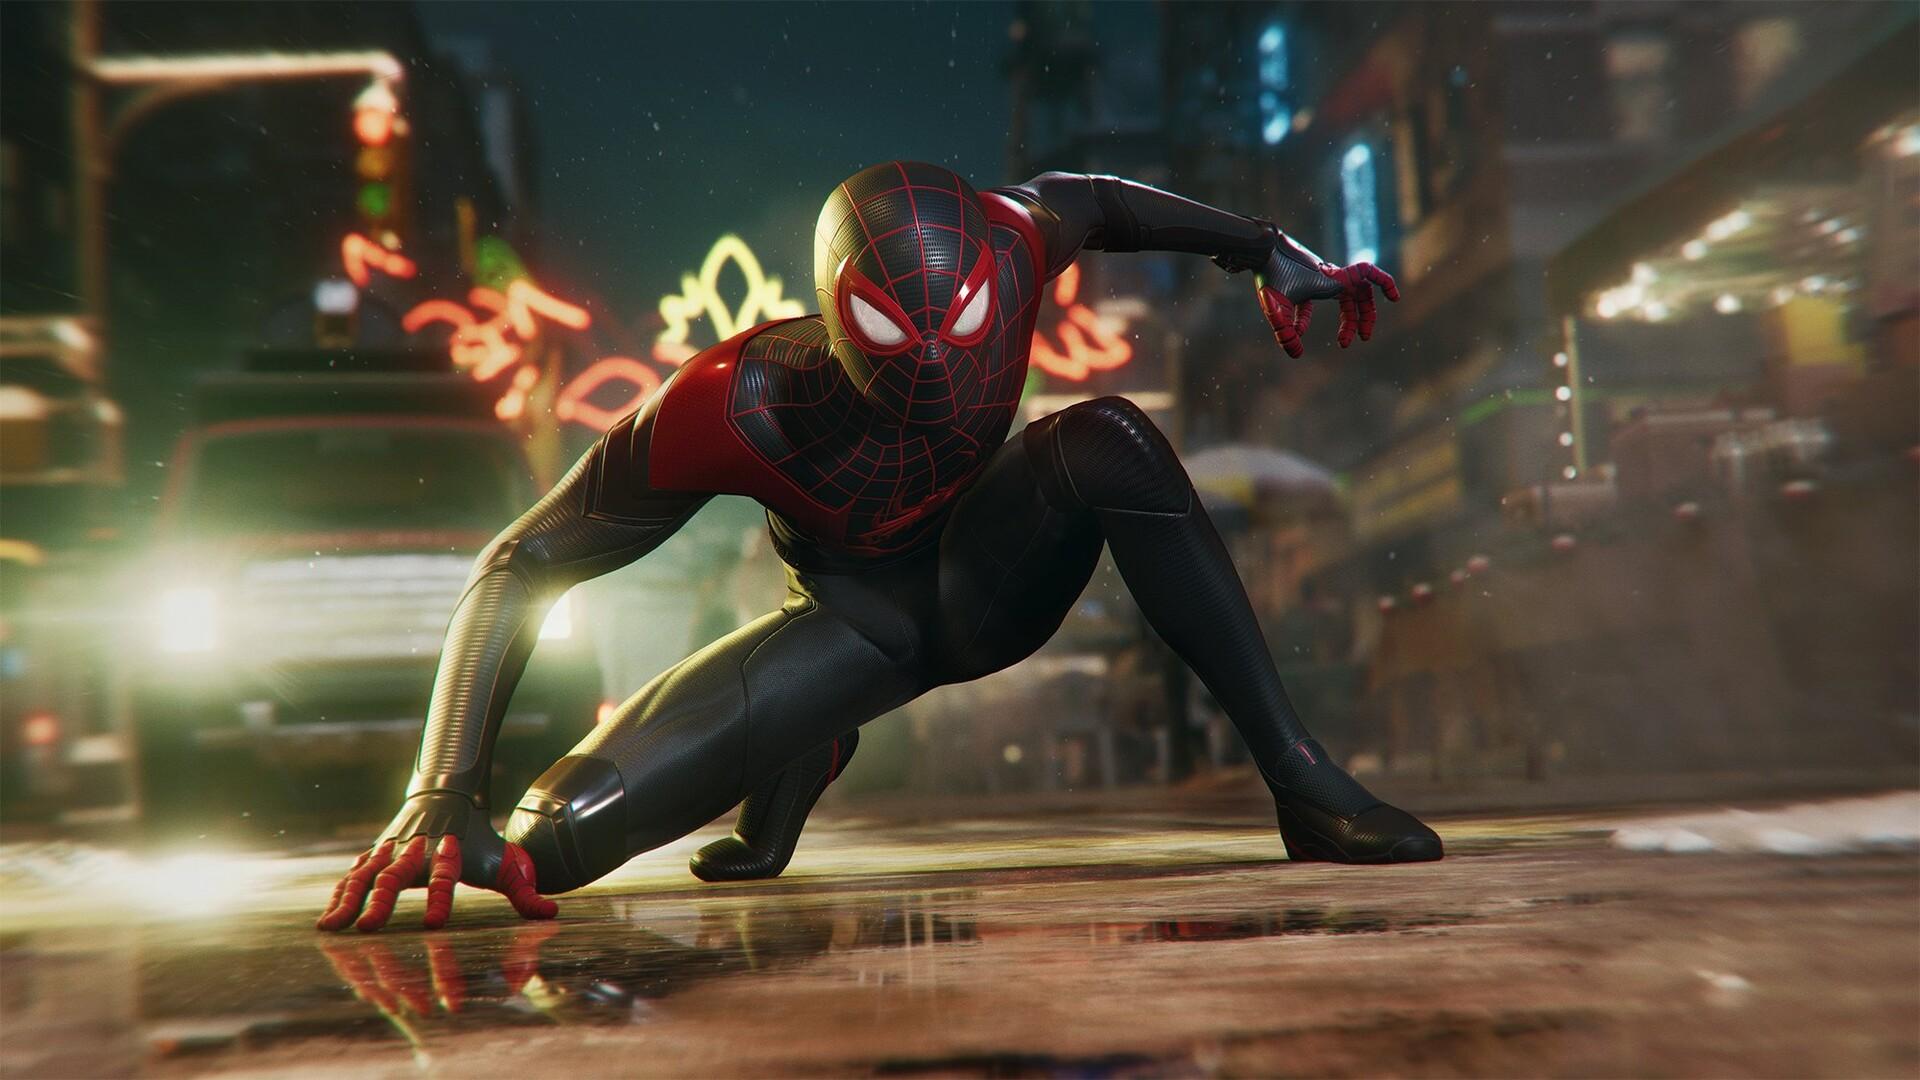 Spider-Man do PS5: Miles Morales imagem vs PS4 comparação de capturas de  tela do Spider-Man mostra até onde a PlayStation chegou - NotebookCheck.net  News